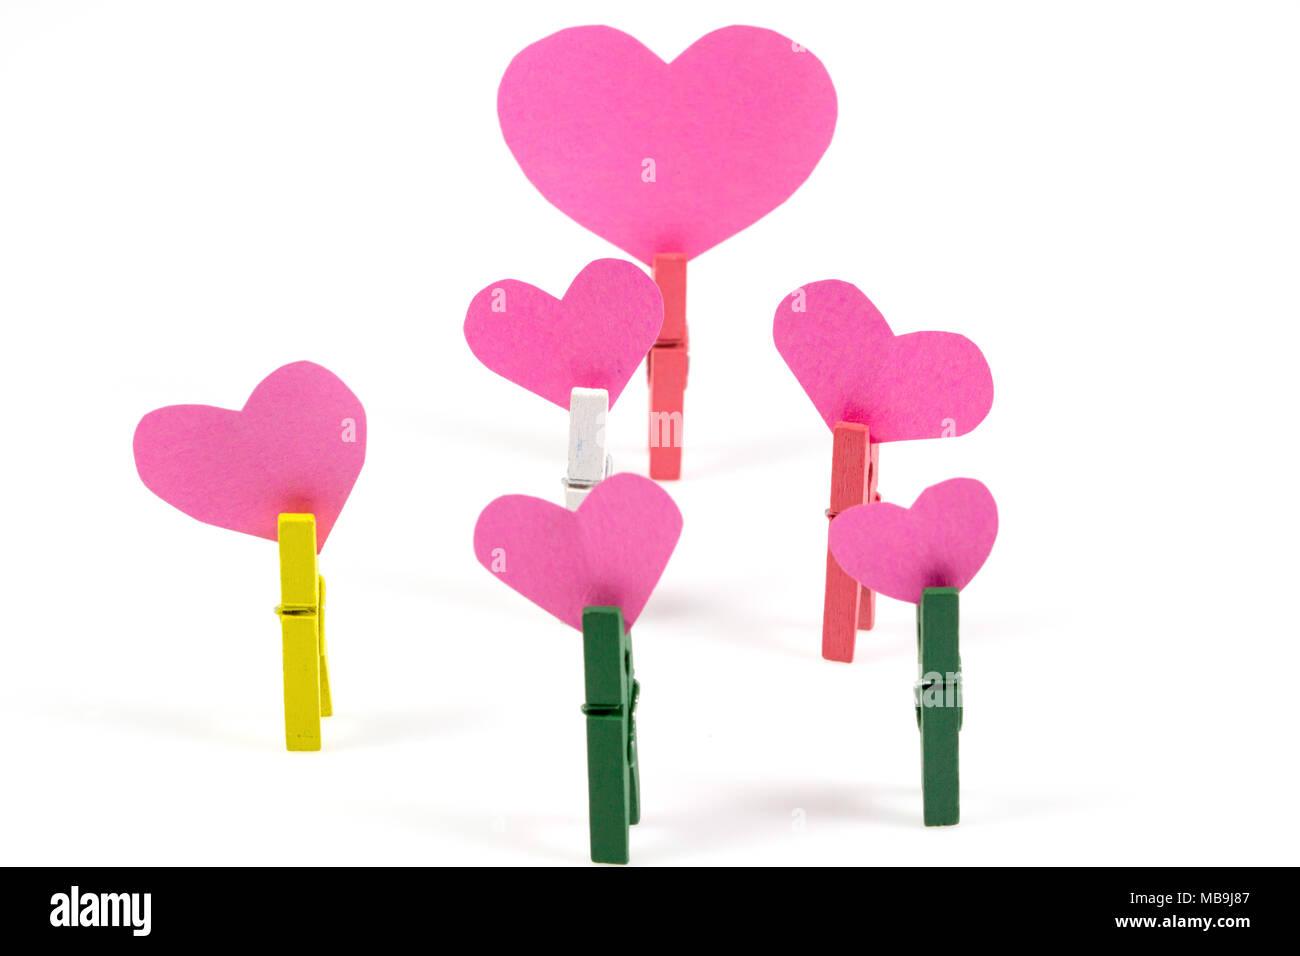 Rosa Herz Aus Papier Mit Buroklammer Valentinstag Symbol Der Liebe